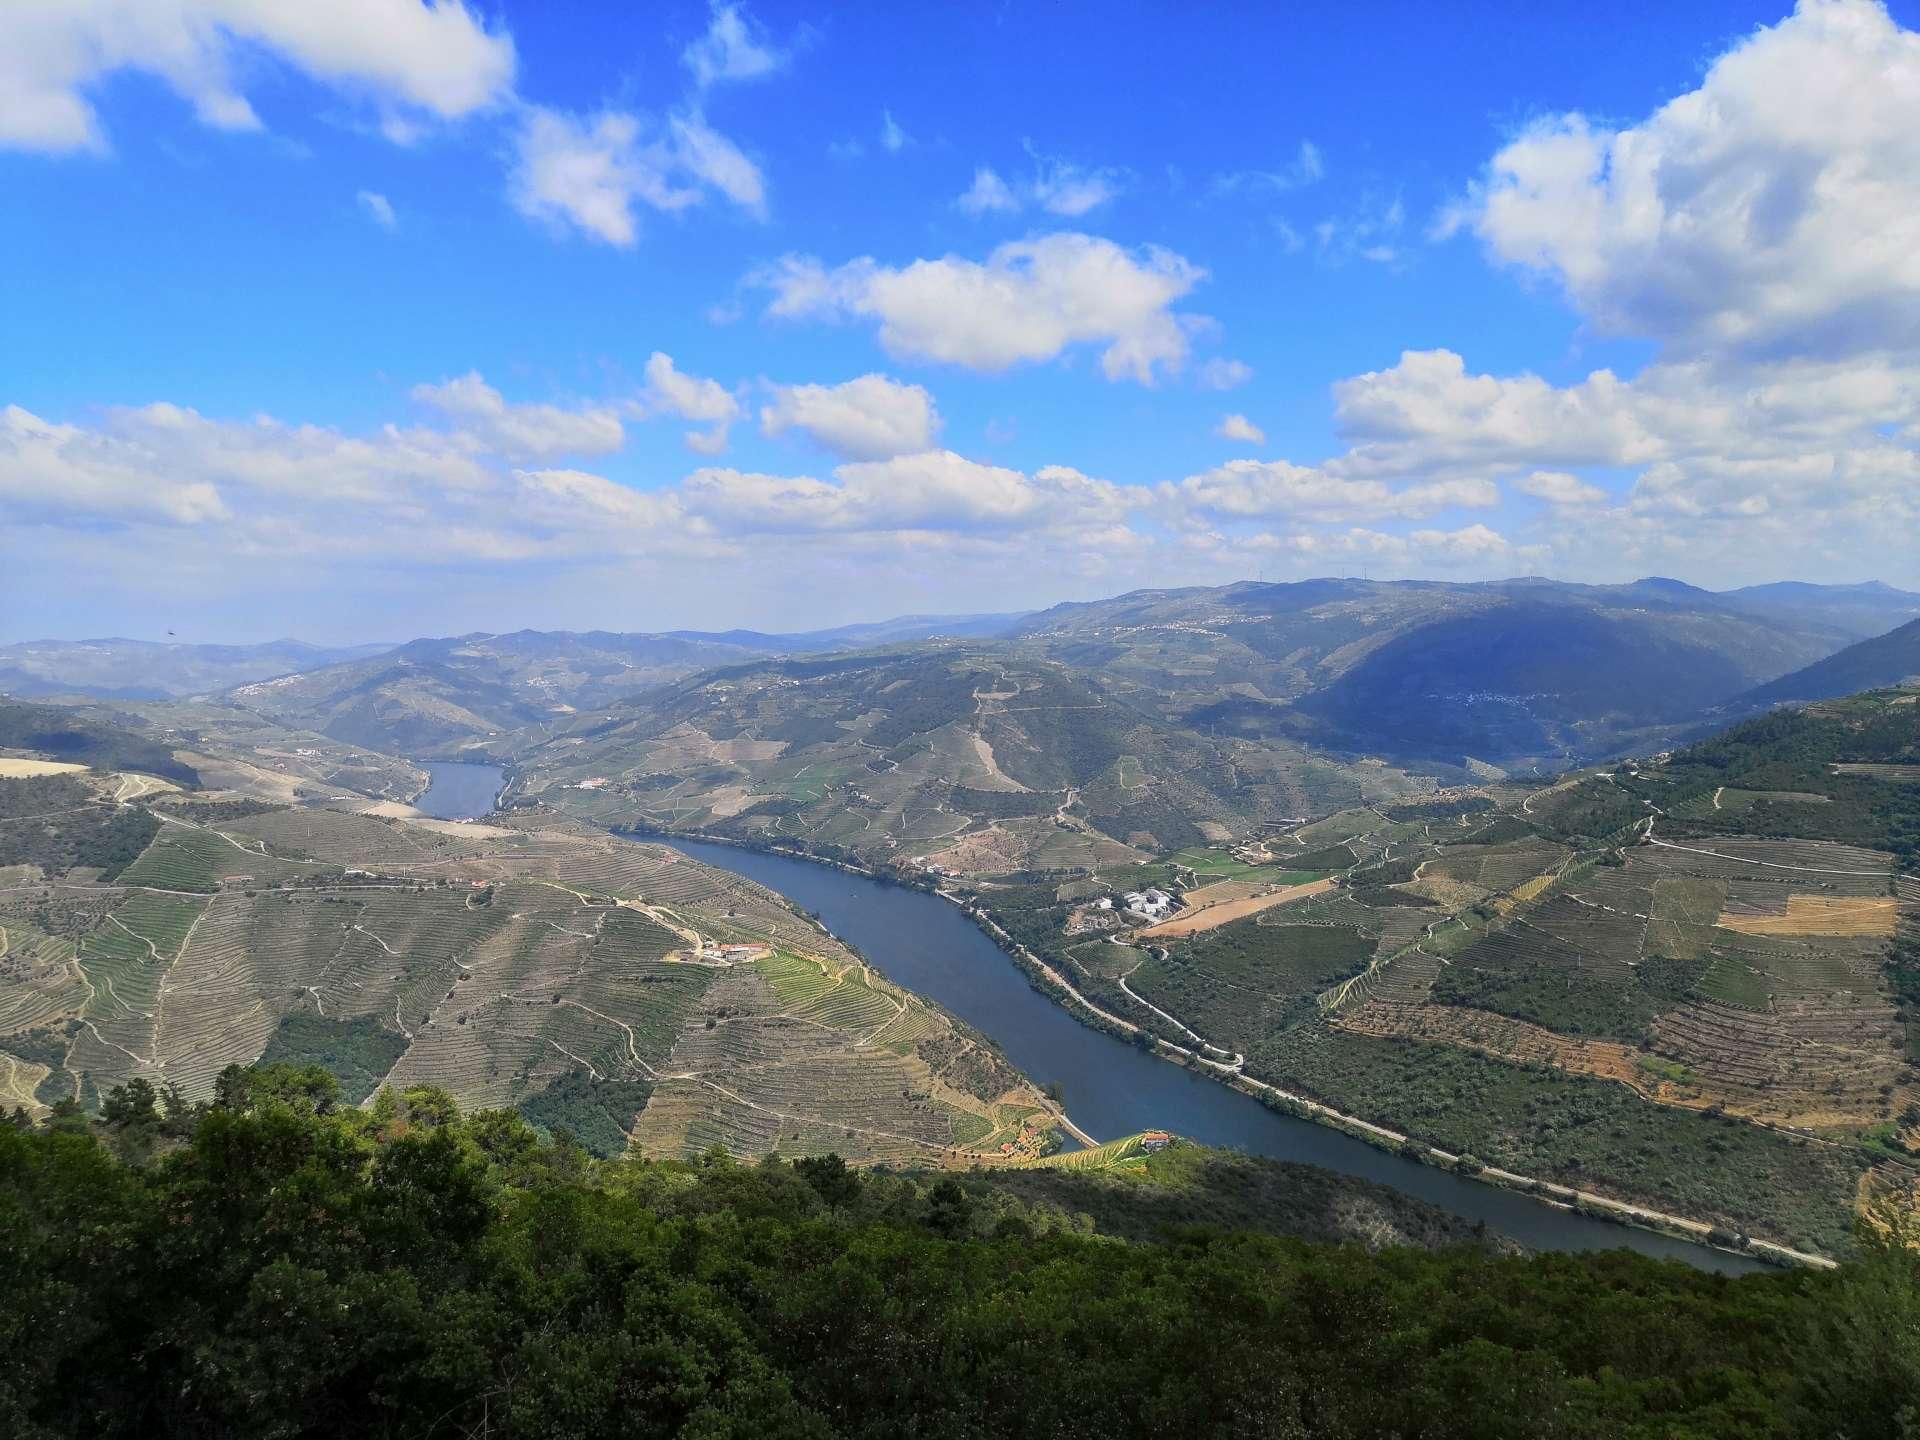 Ve čtvrtek jsme ráno na letišti v půjčovně vyzvedli auto a vyrazili do údolí Doura. Po obědě ve Vila Real nás jako první zastávka čekala vyhlídka Sao Leonardo de Galafura. Sem jezdím také moc rád, odtud snadno pochopíte, jak nádherné Douro vlastně je.